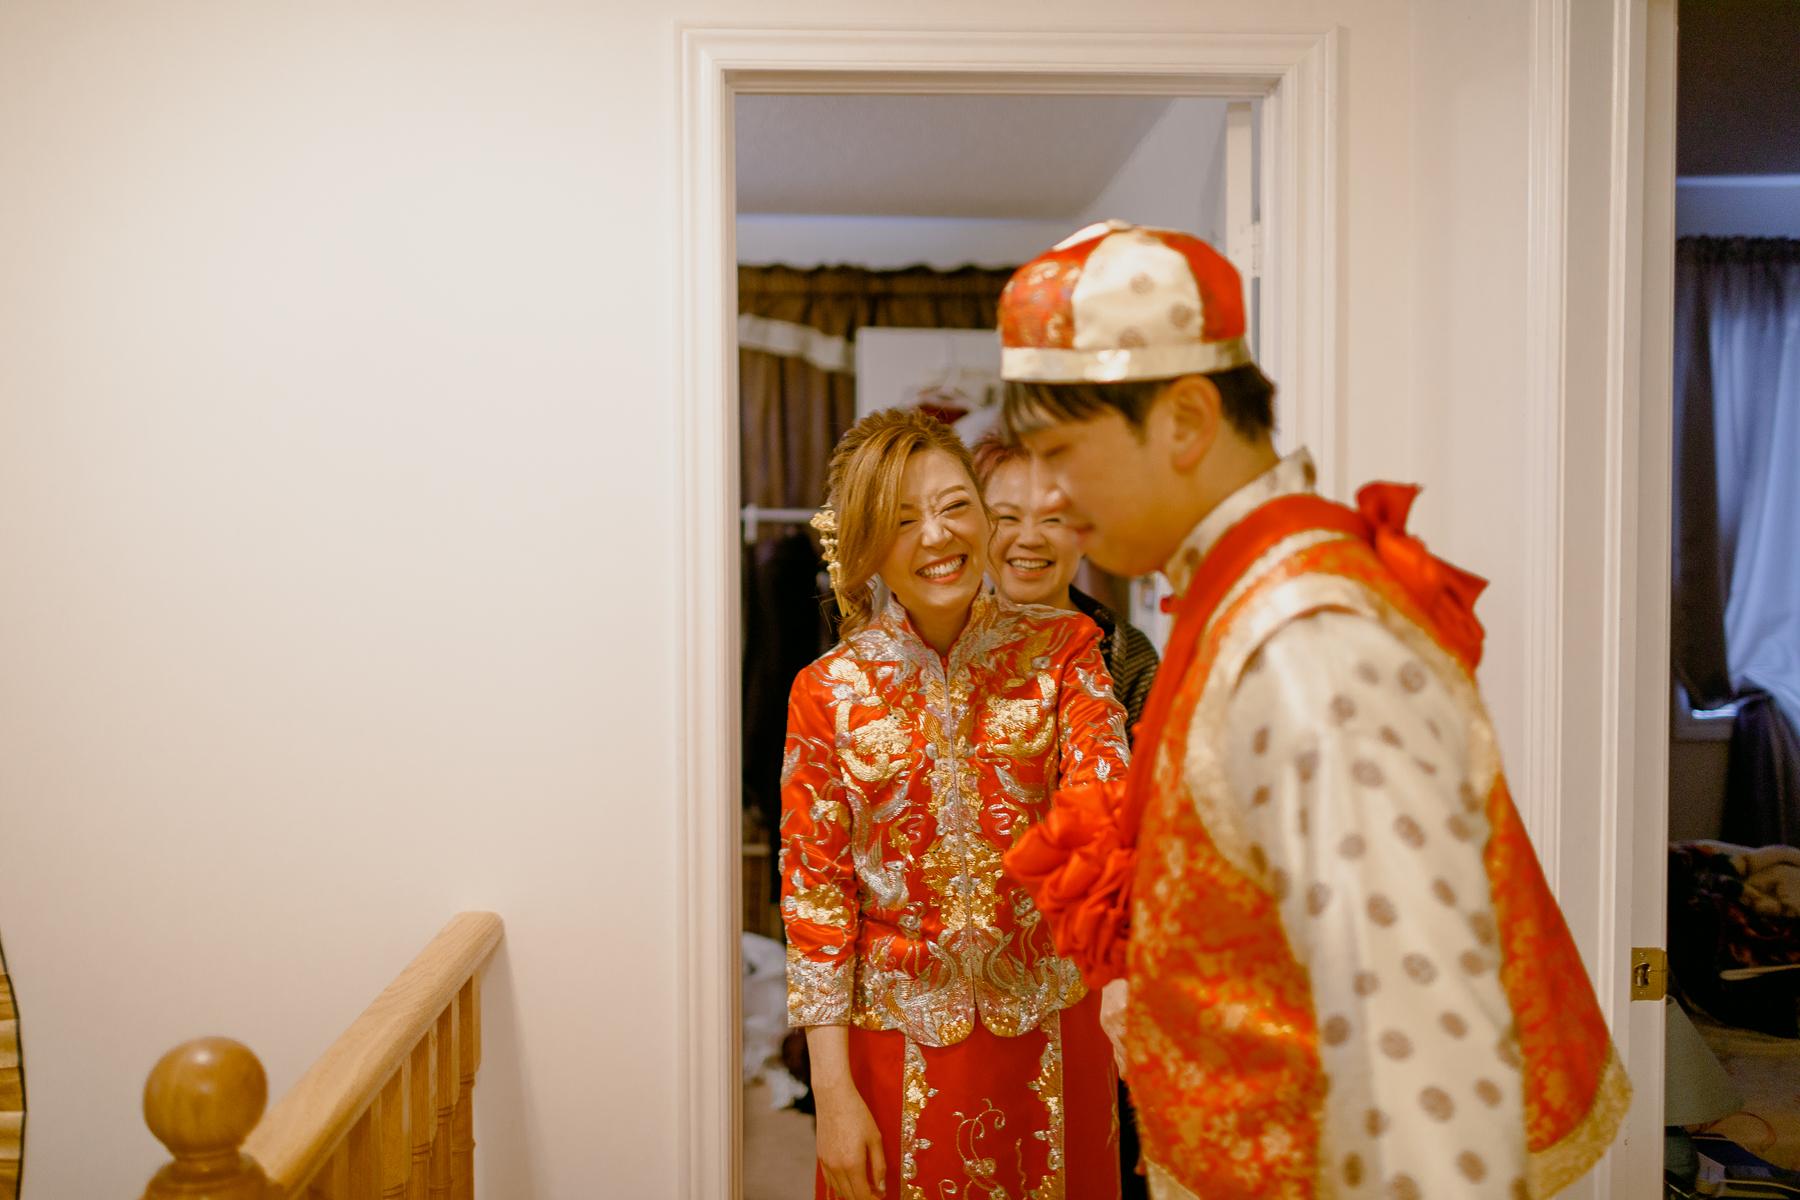 markham-wedding-photography-markham-museum-wedding 0004.jpg